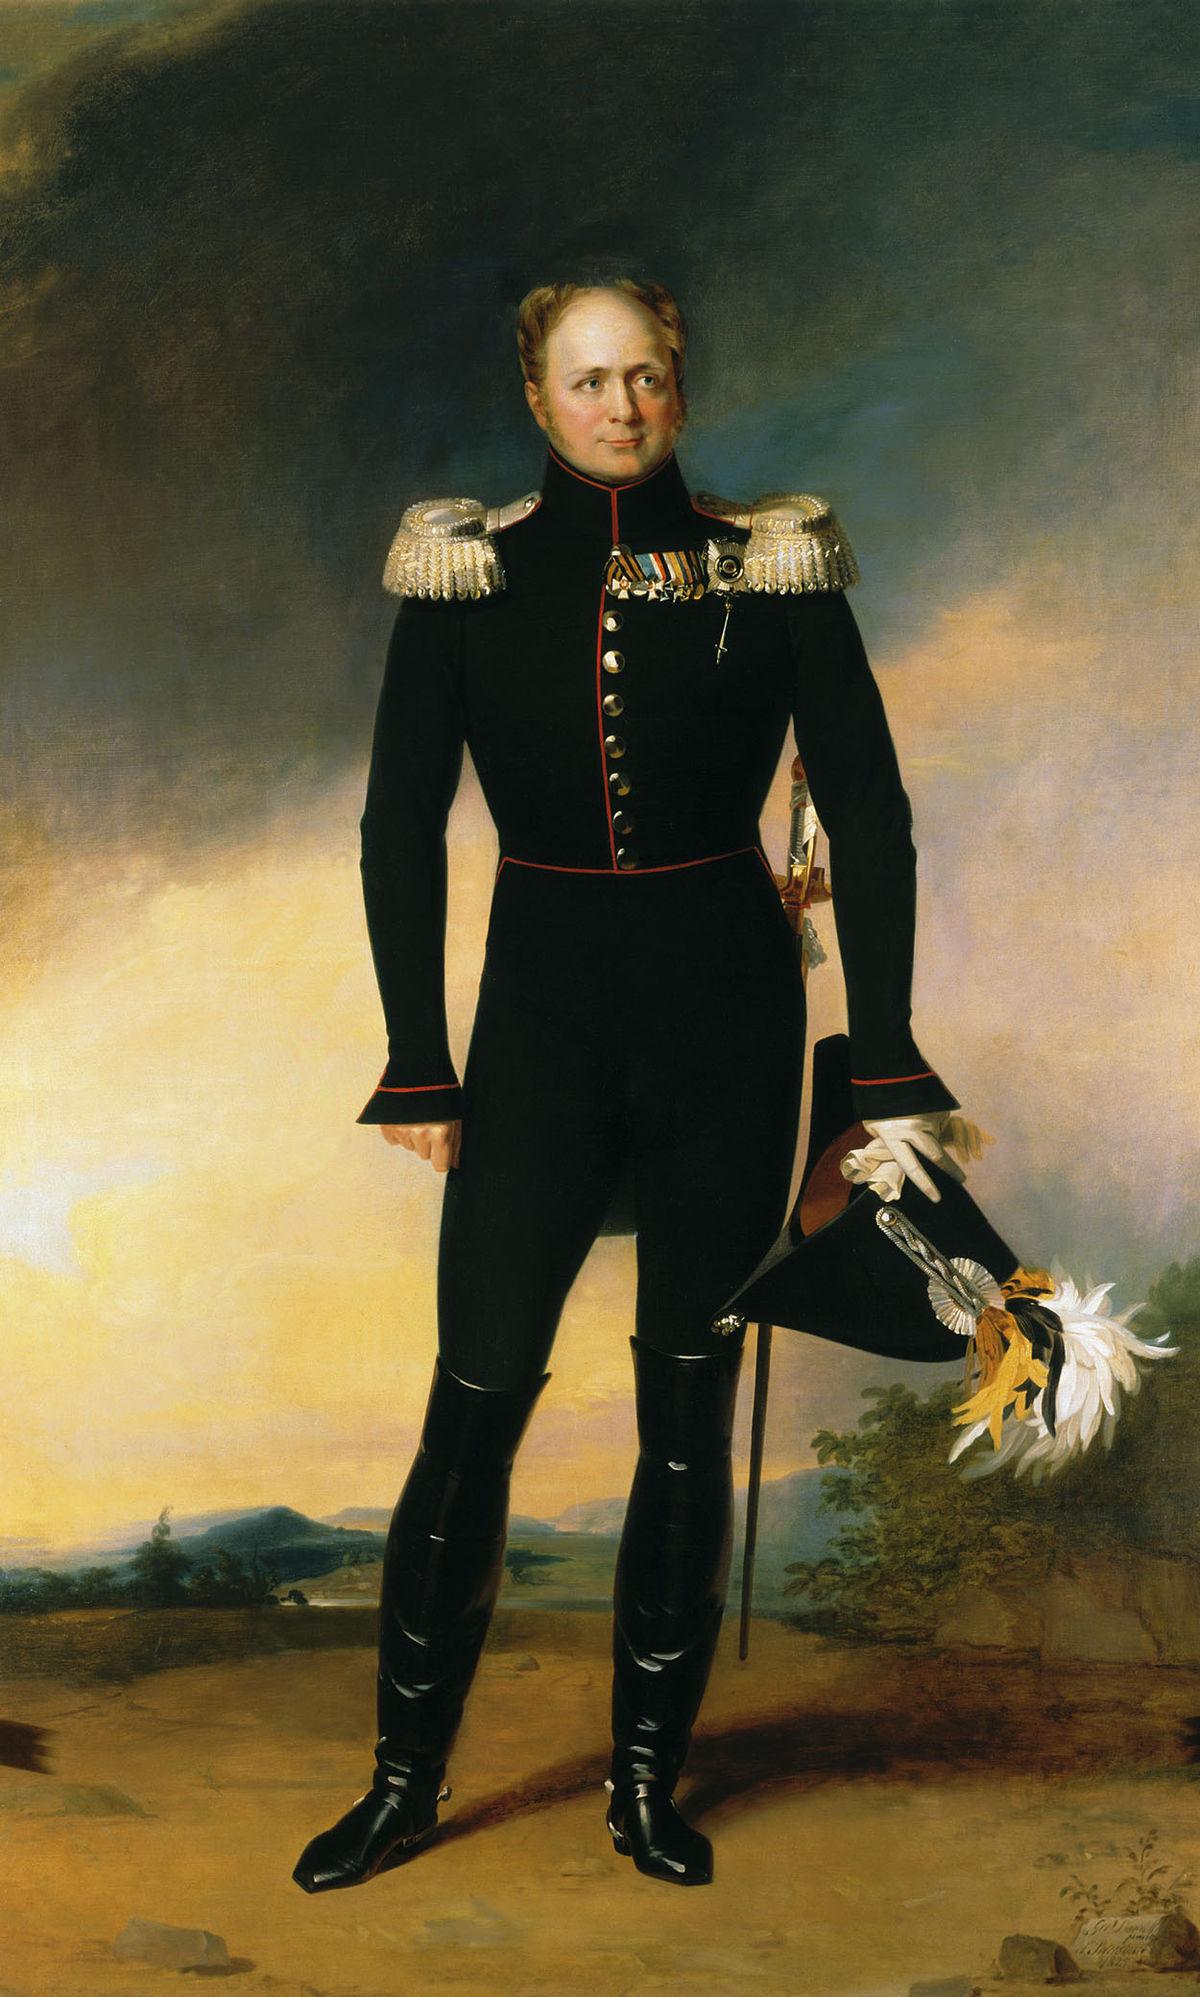 1200px-Alexander_I_of_Russia_by_G.Dawe_(1826,_Peterhof).jpg